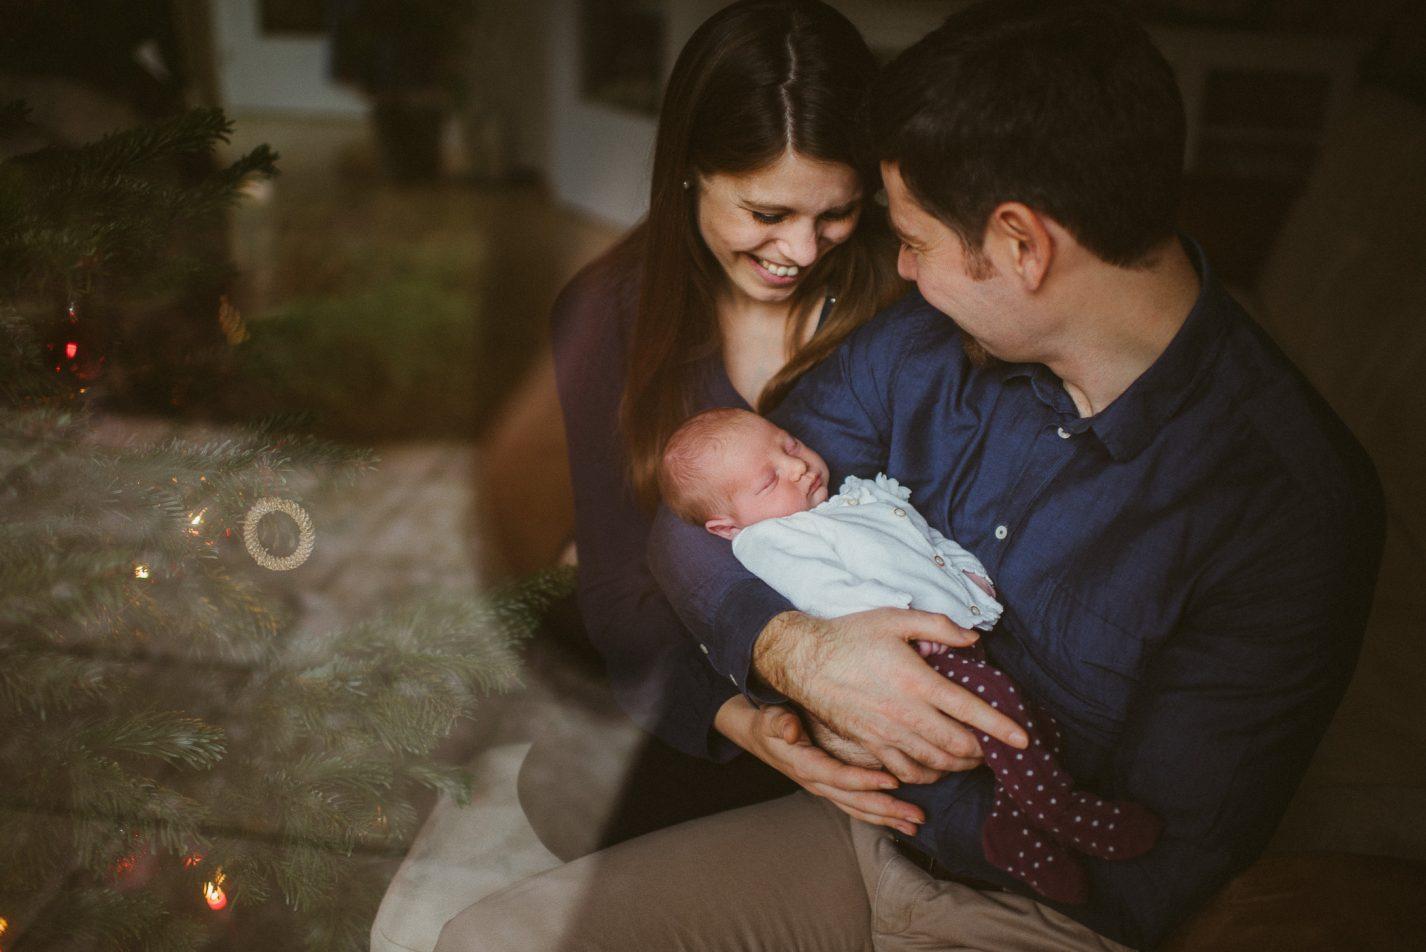 Eltern freuen sich über ihr neugeborenes Baby. Eltern sind verliebt. Weihnachten, Weihnachtsbaum, Zu hause, Babybilder in den eigenen vier wänden